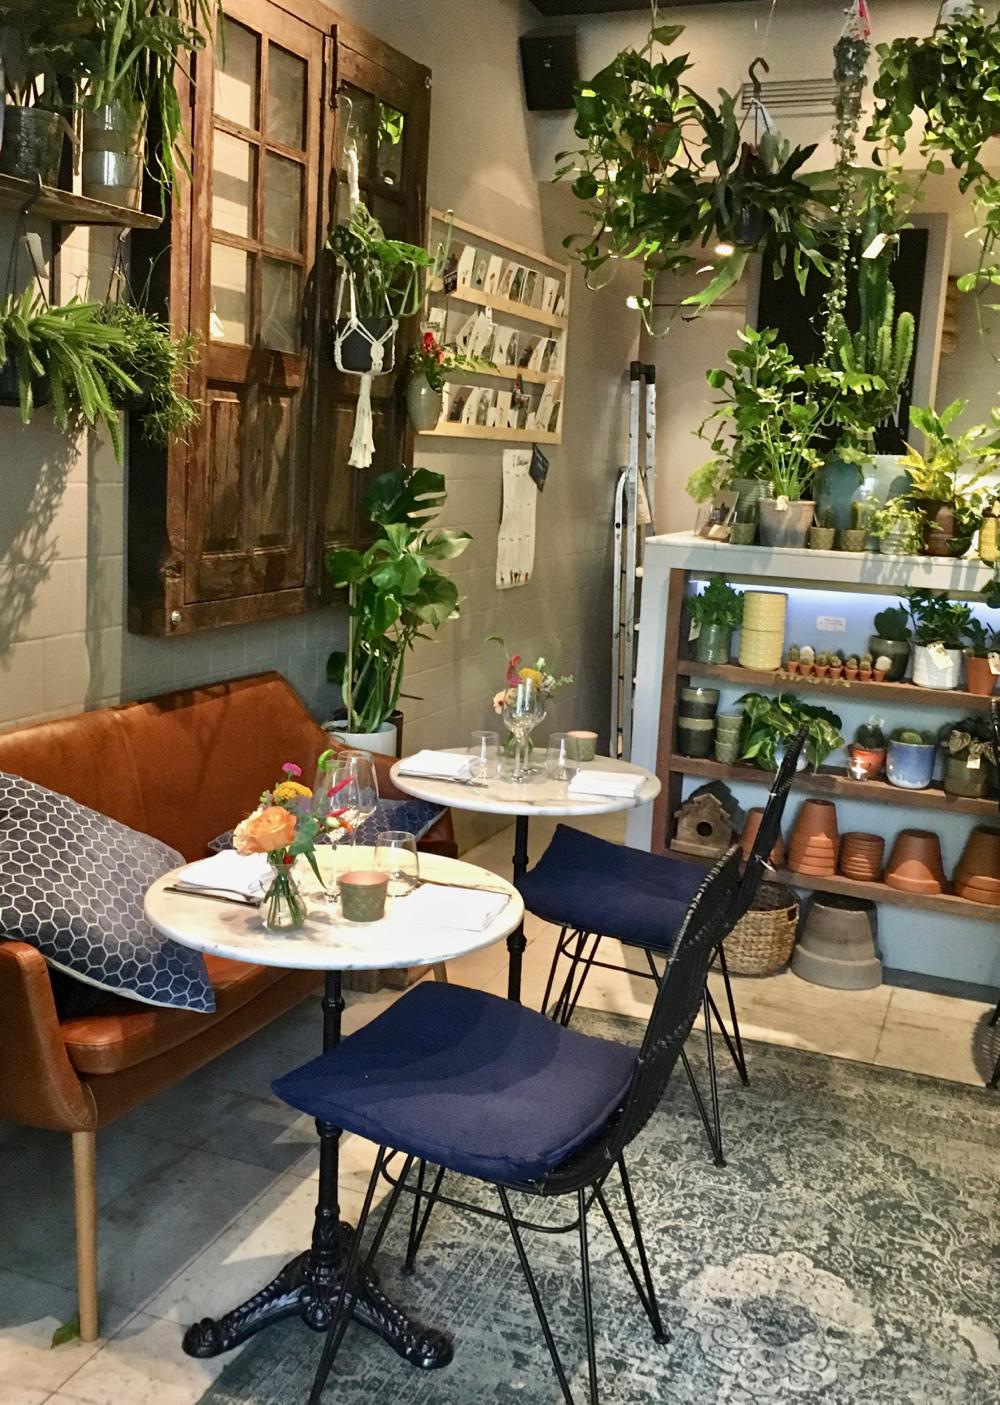 Ronde witte tafeltjes met blauwe stoelen tegen een wand vol groen